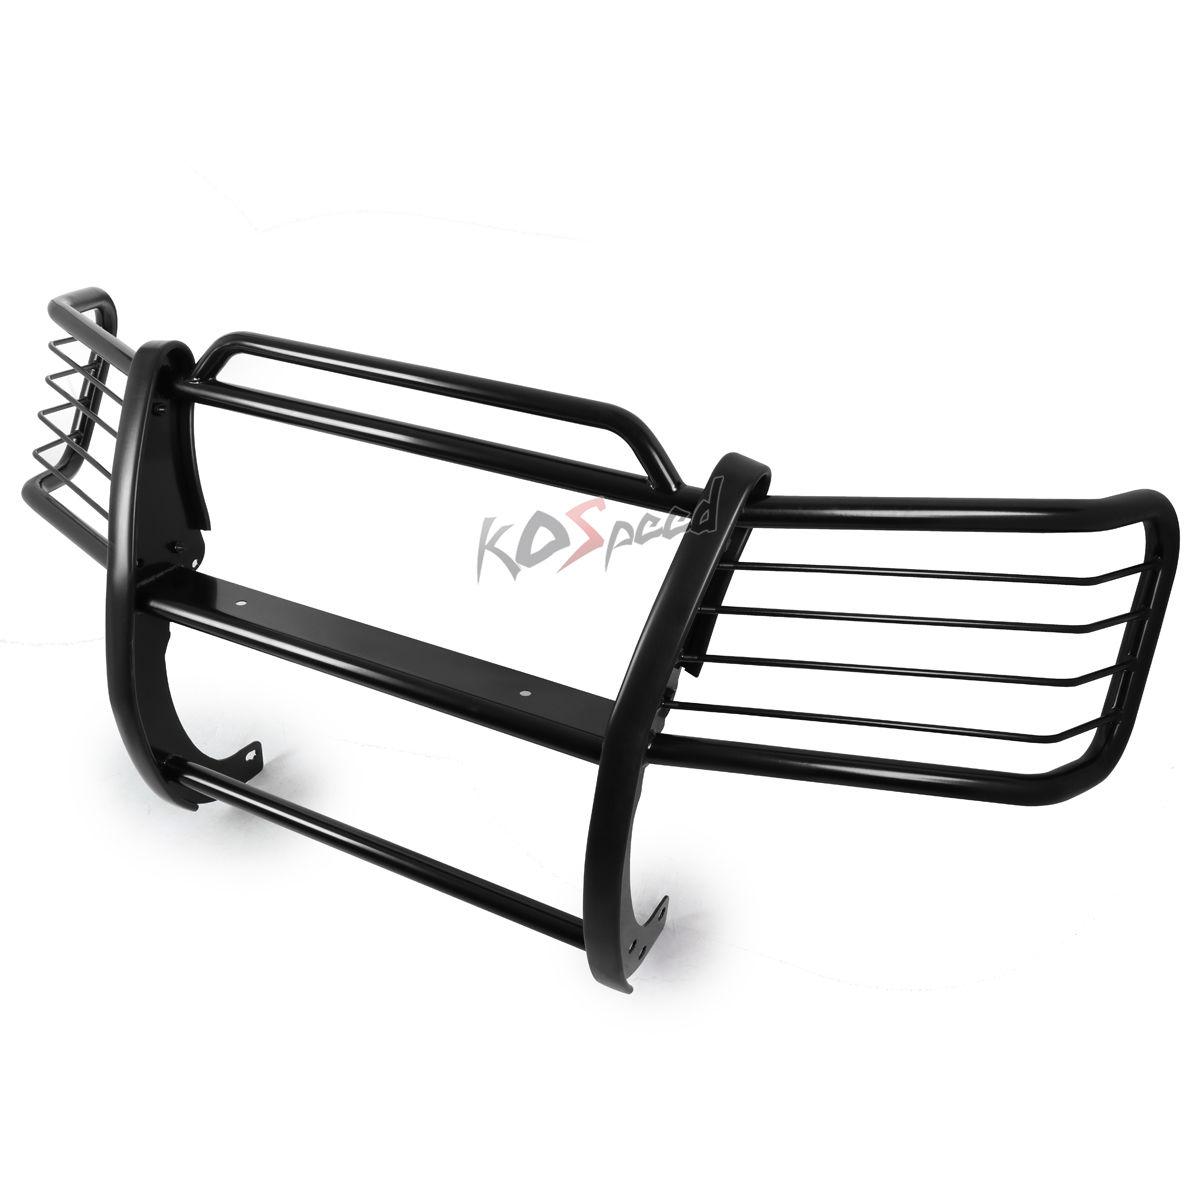 グリル 黒の軽いスチールブラシグリルガードフレームバー08-10 F250の - F550のSD Superduty Black Mild Steel Brush Grille Guard Frame Bar for 08-10 F250-F550 SD Superduty